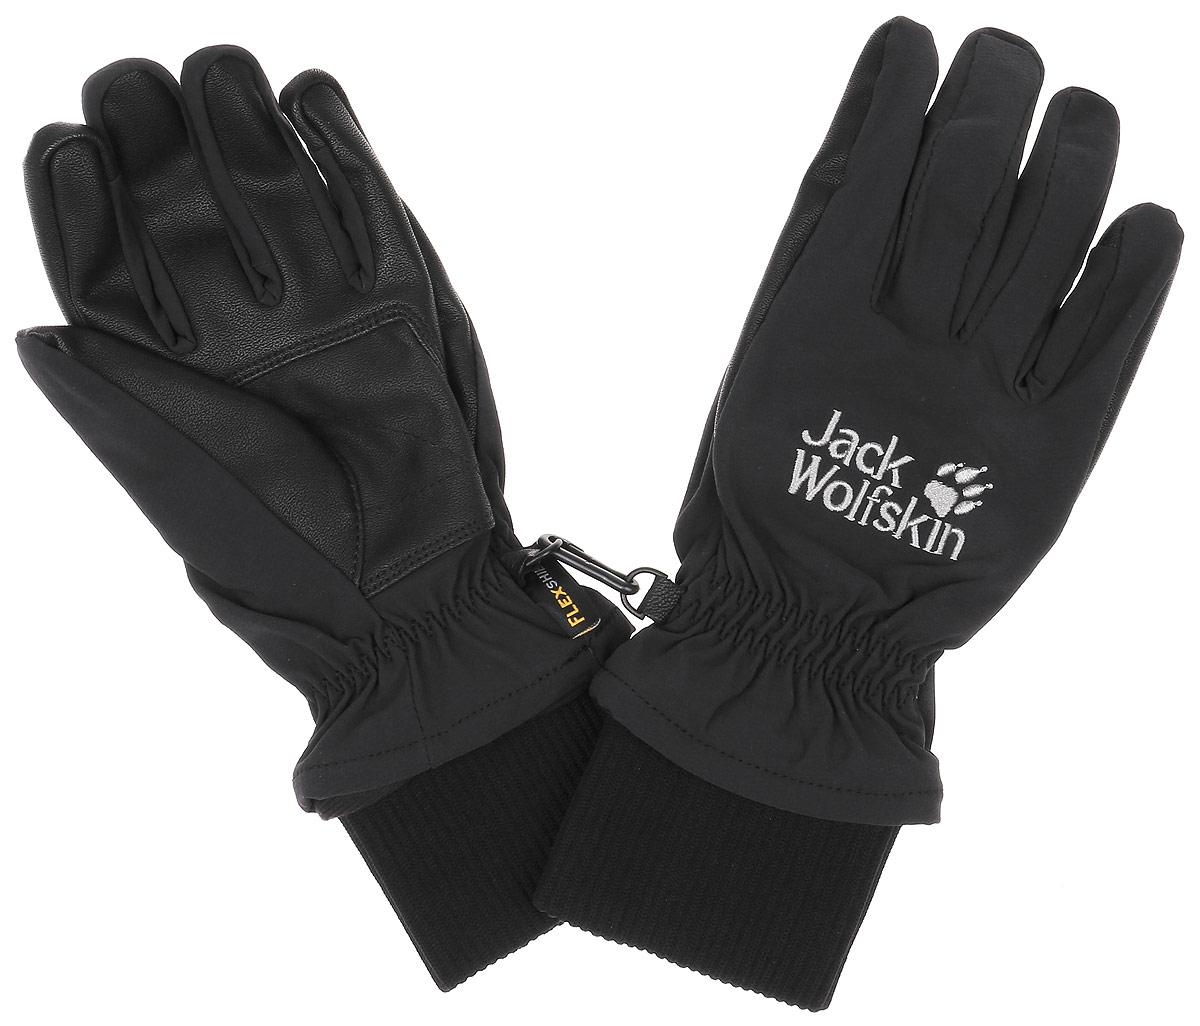 Перчатки1906021-6000Теплые, хорошо дышащие мужские перчатки Wolfskin Flexshield Basic Glove сохранят тепло и комфорт при ветре и в зимнюю непогоду. Модель выполнена из материала FLEXSHIELD BASIC GLOVE - софтшелл для холодного времени года. Они обладают водостойкими и непродуваемыми свойствами и особенно хорошо дышат, чтобы ваши руки оставались на улице сухими и теплыми. Перчатки изготовлены из биэластичного материала, поэтому они повторяют все ваши движения и подойдут для любого активного похода. Внутренняя сторона модели выполнена из теплой подкладки с функцией регулирования влажности, обеспечивающую дополнительное тепло. Дополнена модель фирменной нашивкой с названием бренда.